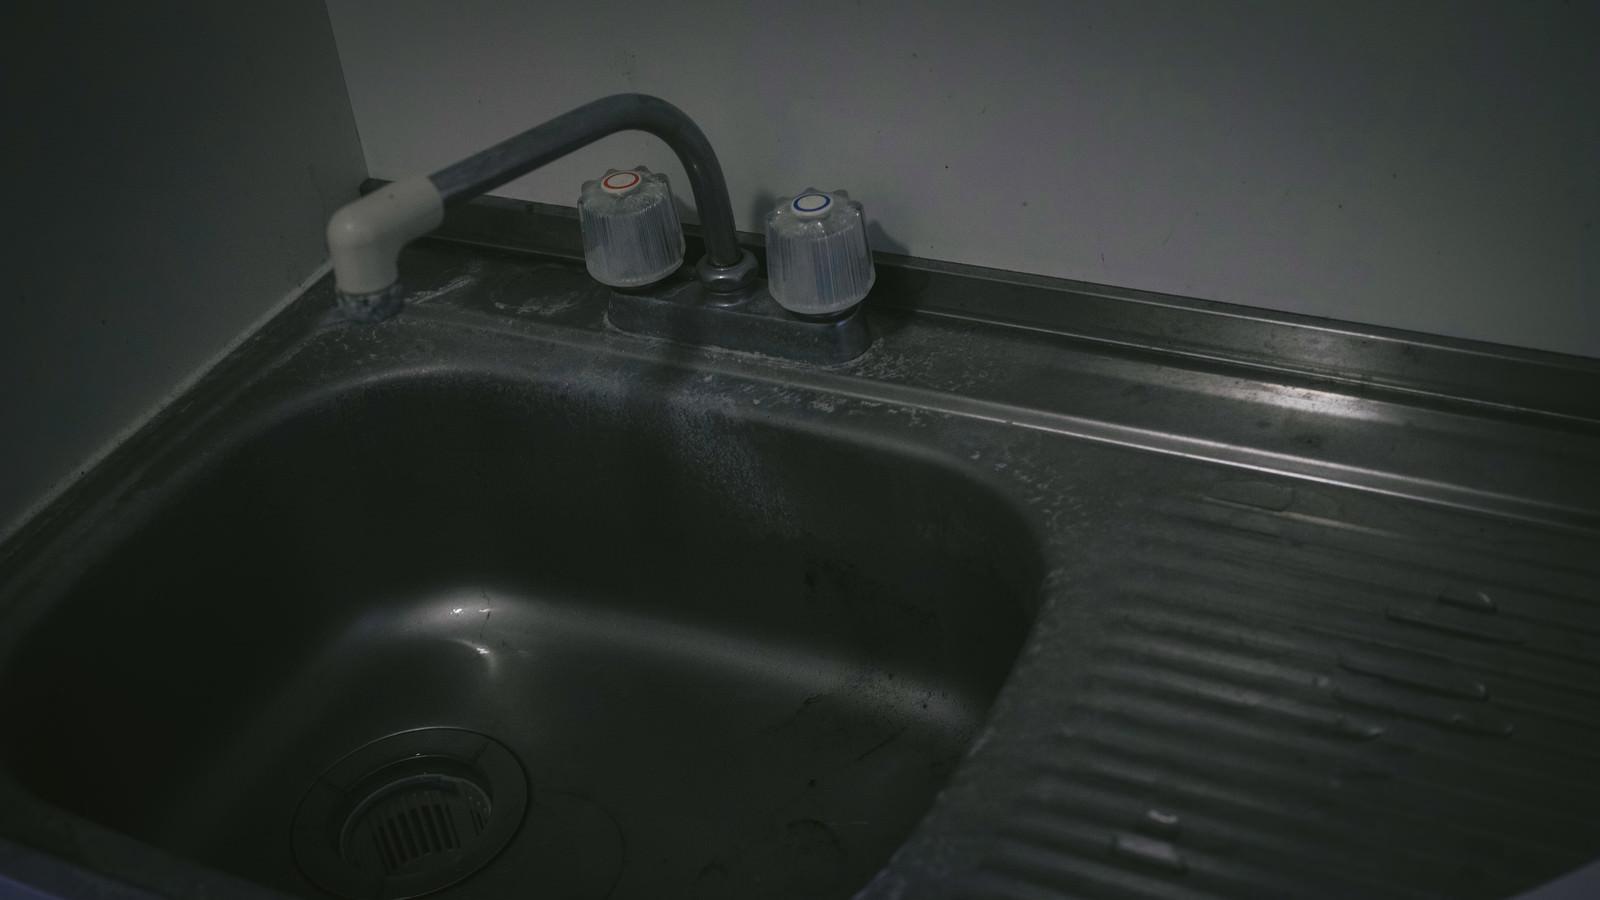 「汚れた流し台」の写真